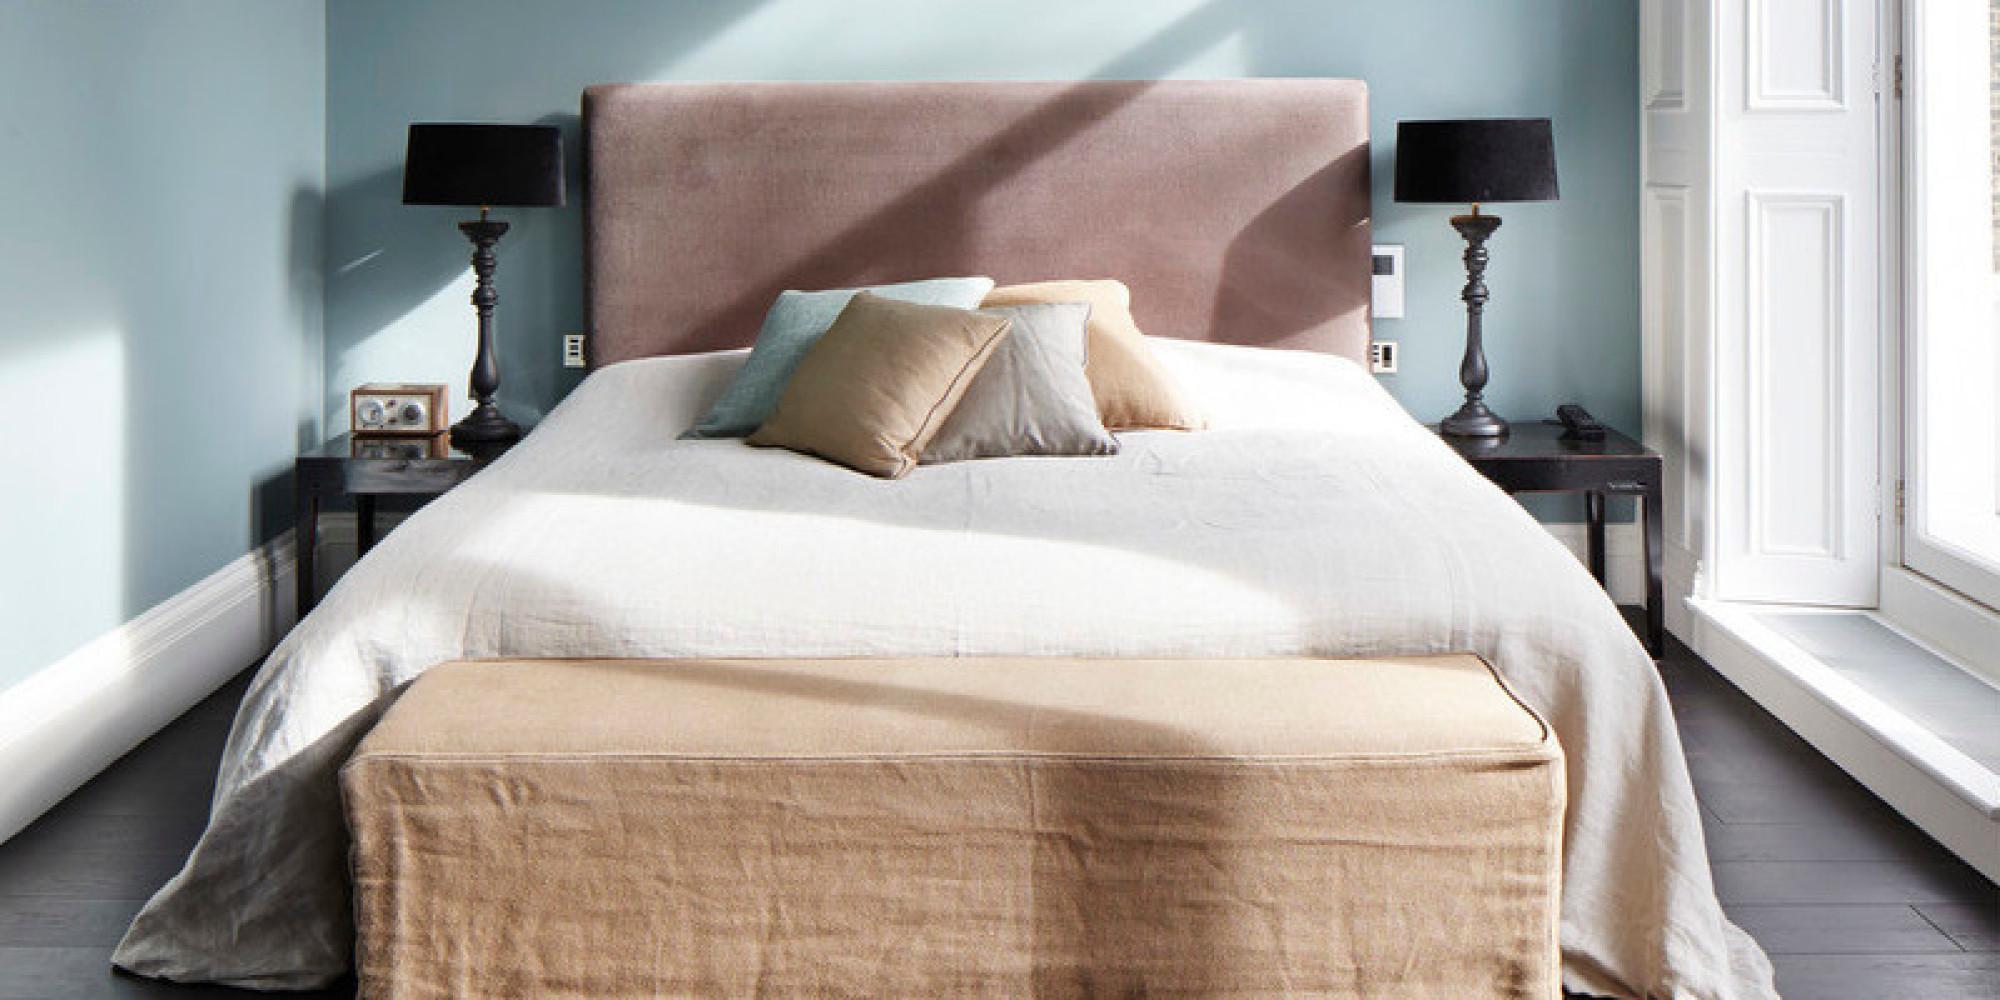 9 segreti per rendere accogliente una camera da letto di - Come rendere accogliente la camera da letto ...